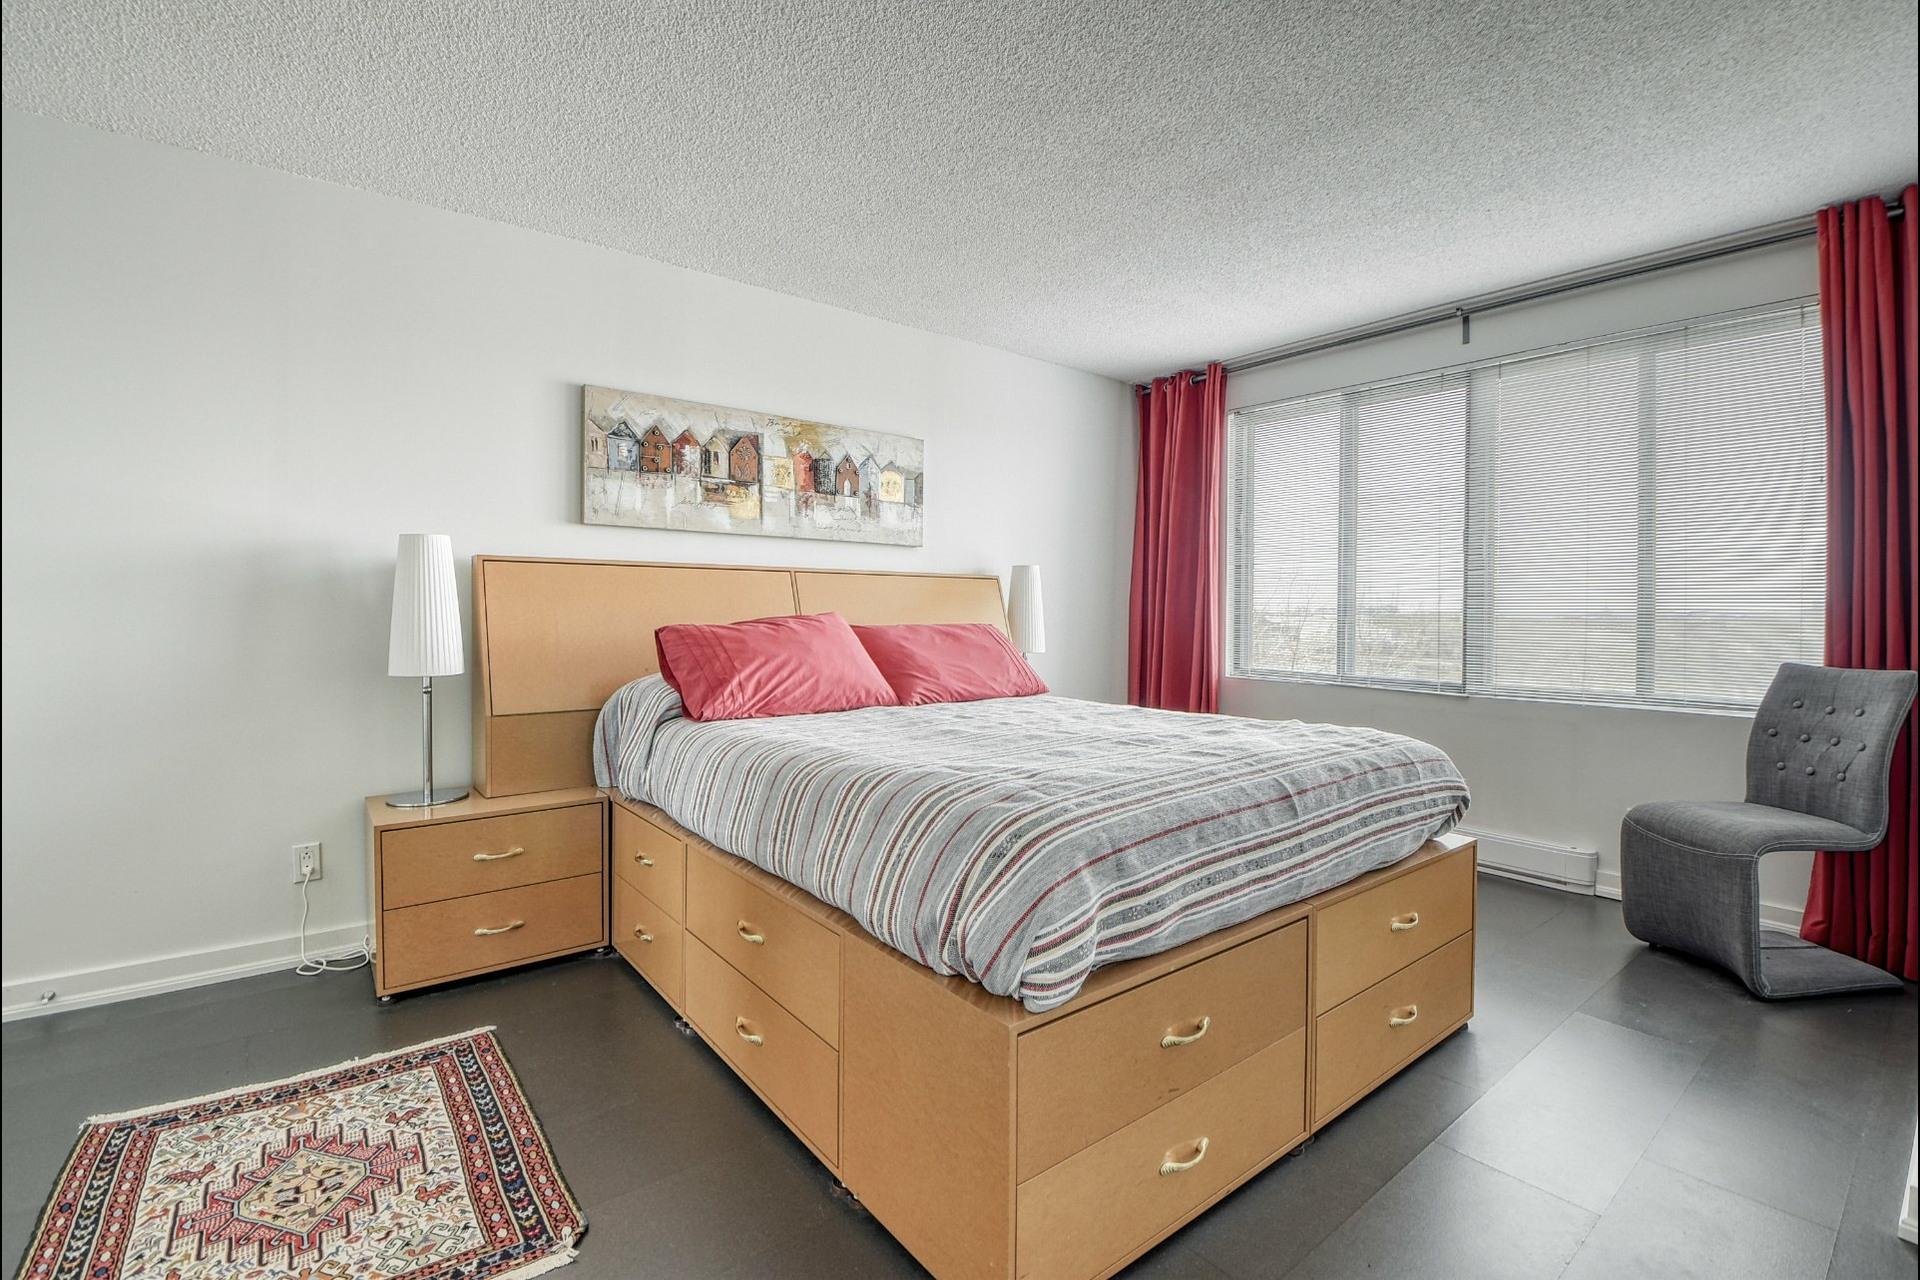 image 12 - Appartement À vendre Verdun/Île-des-Soeurs Montréal  - 4 pièces